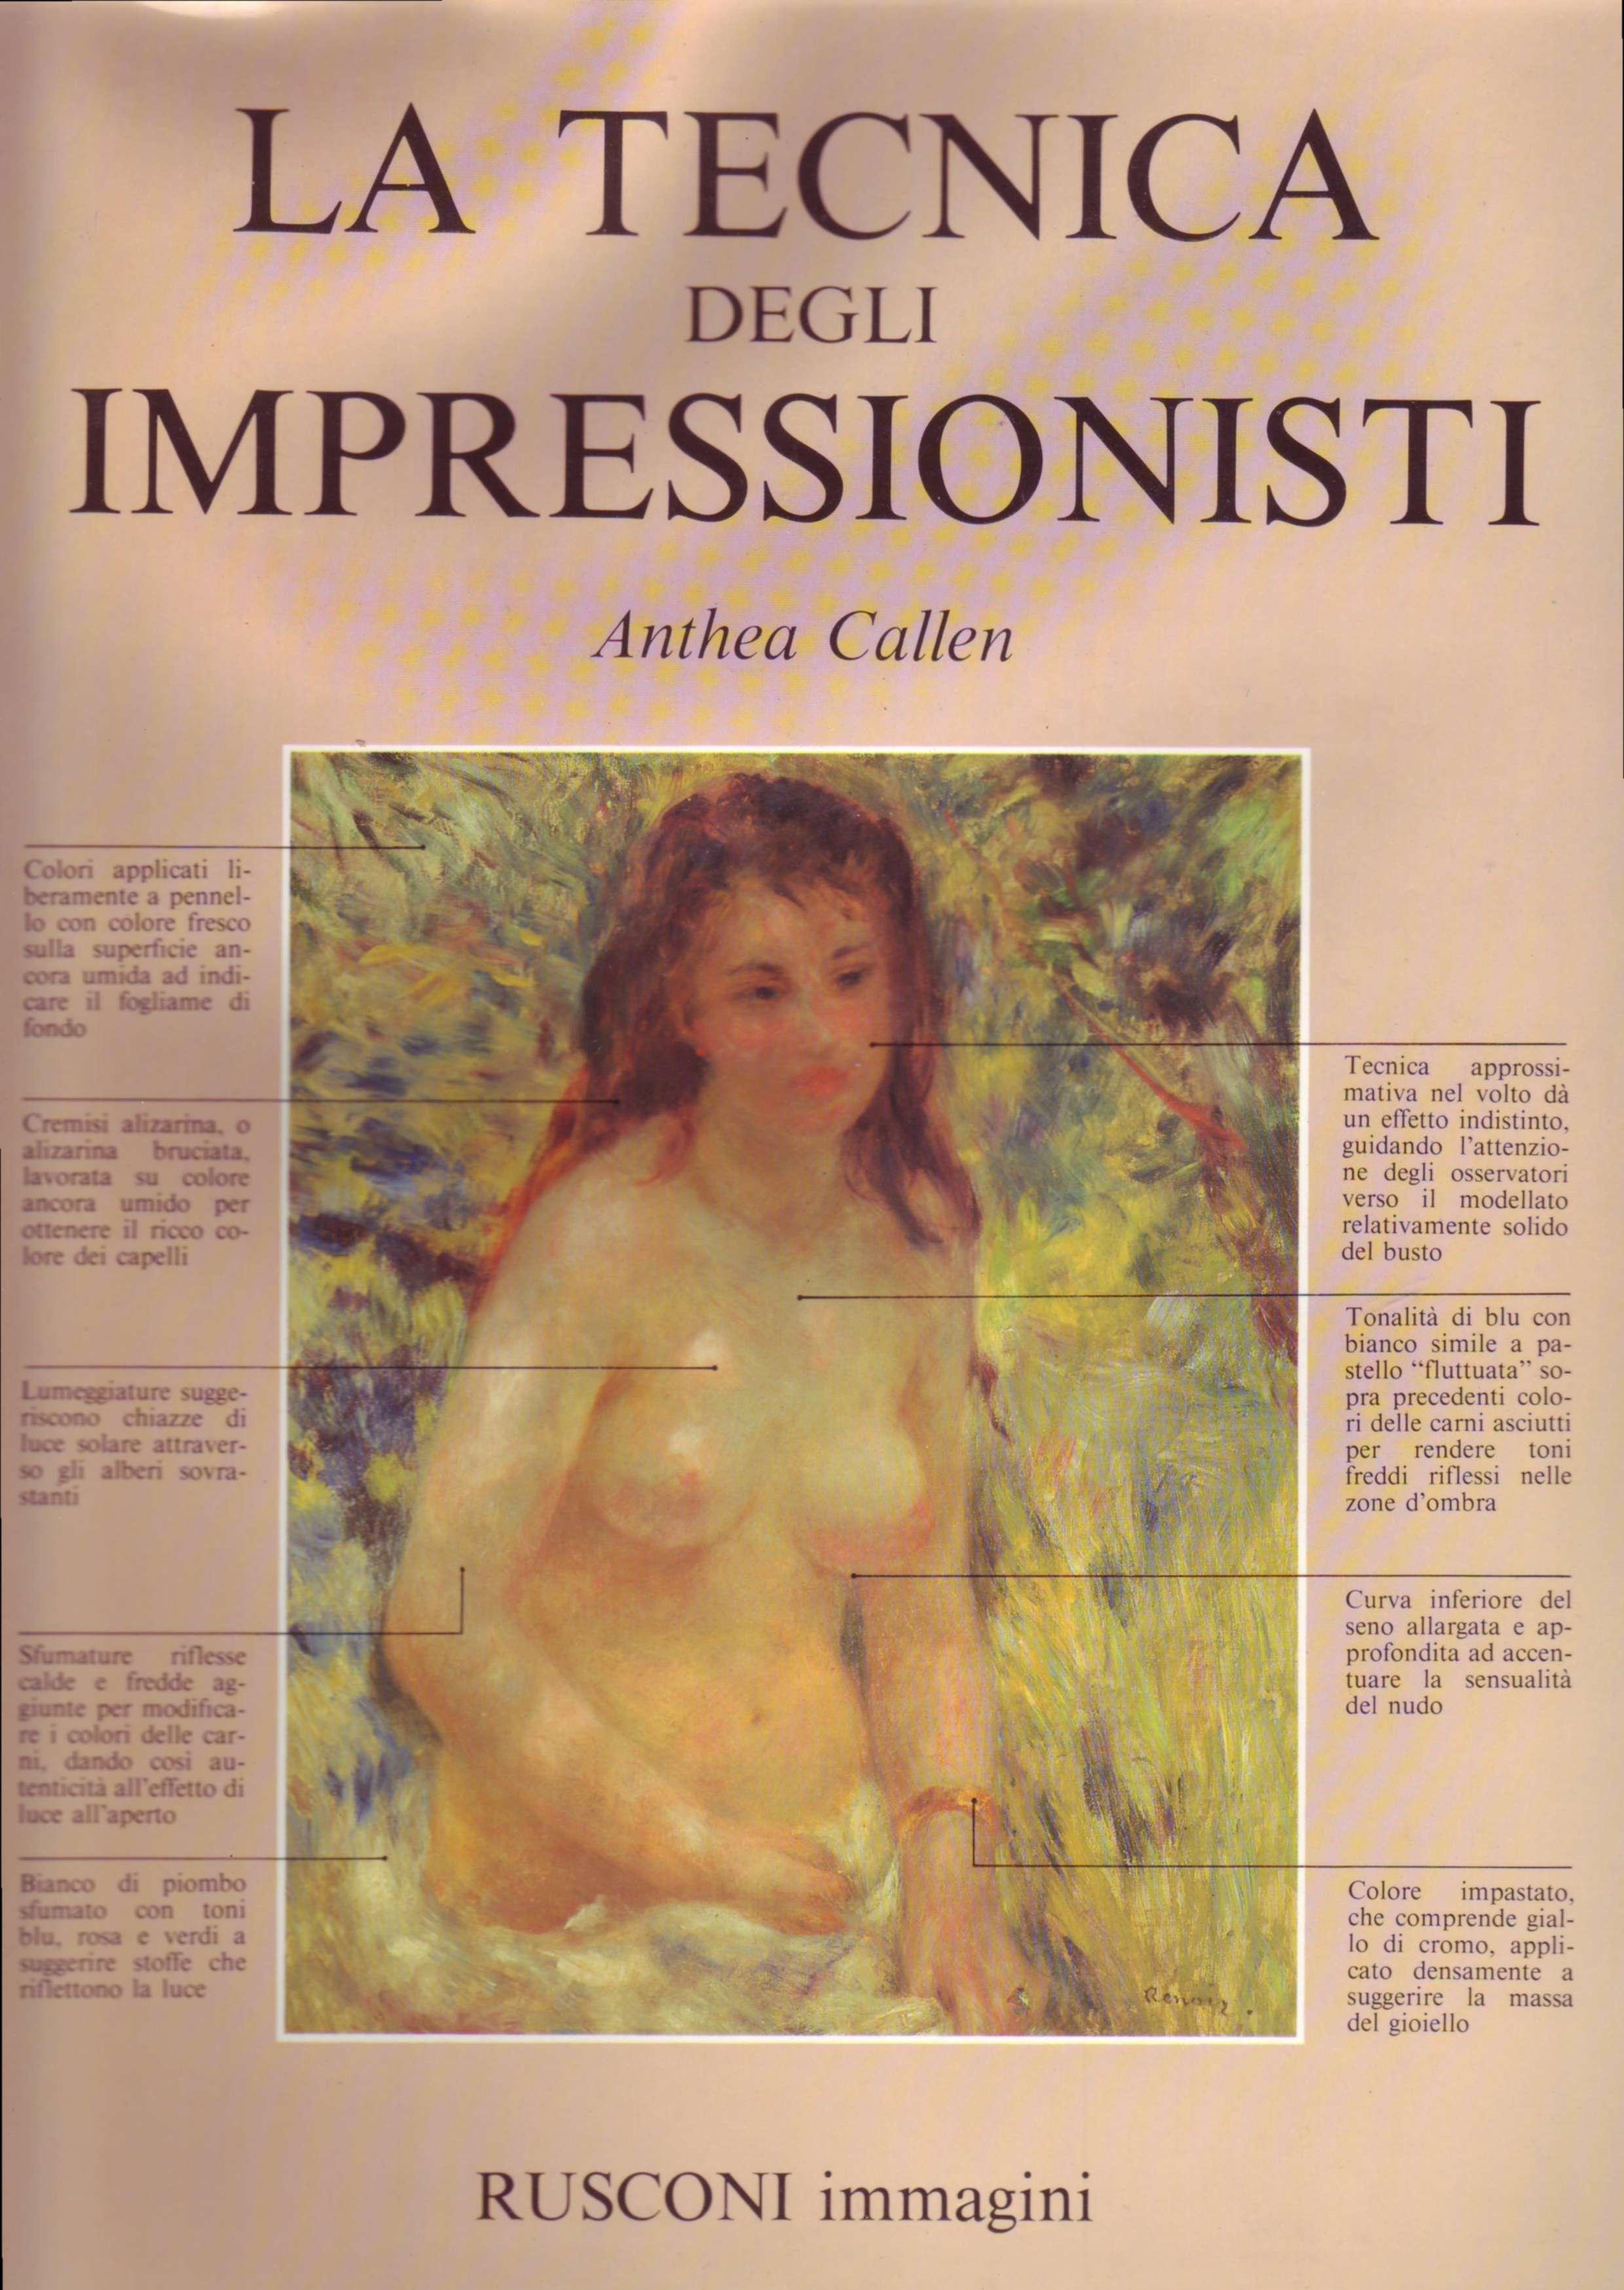 La tecnica degli Impressionisti